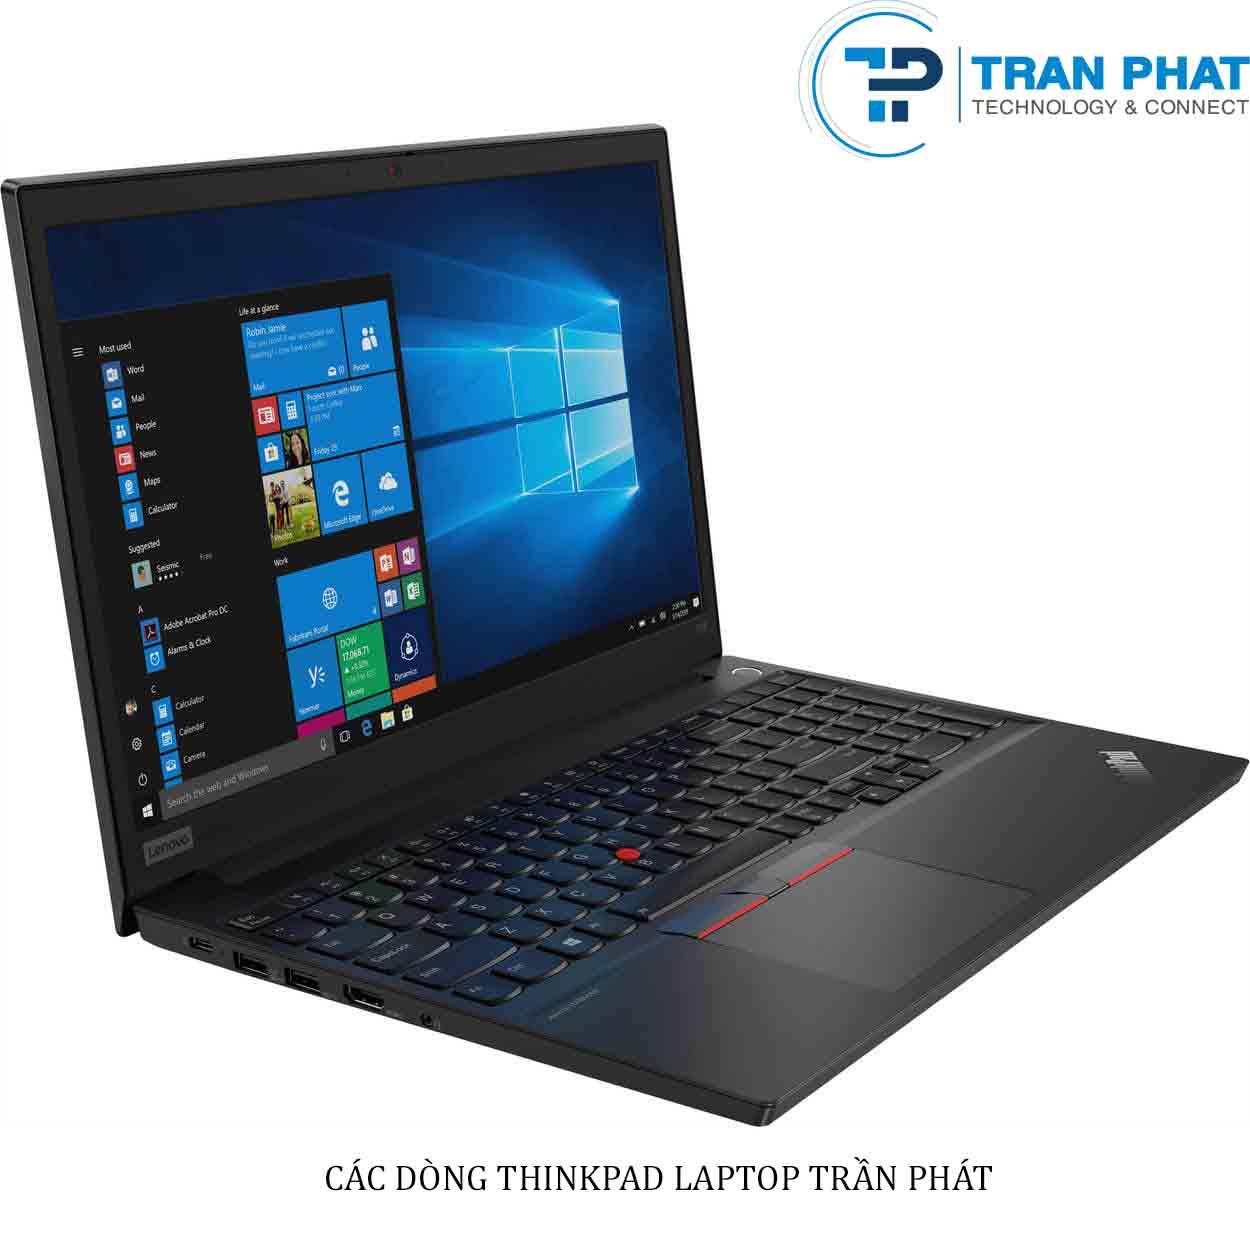 ThinkPad là gì? Các dòng ThinkPad Lenovo nào tốt nhất hiện nay?